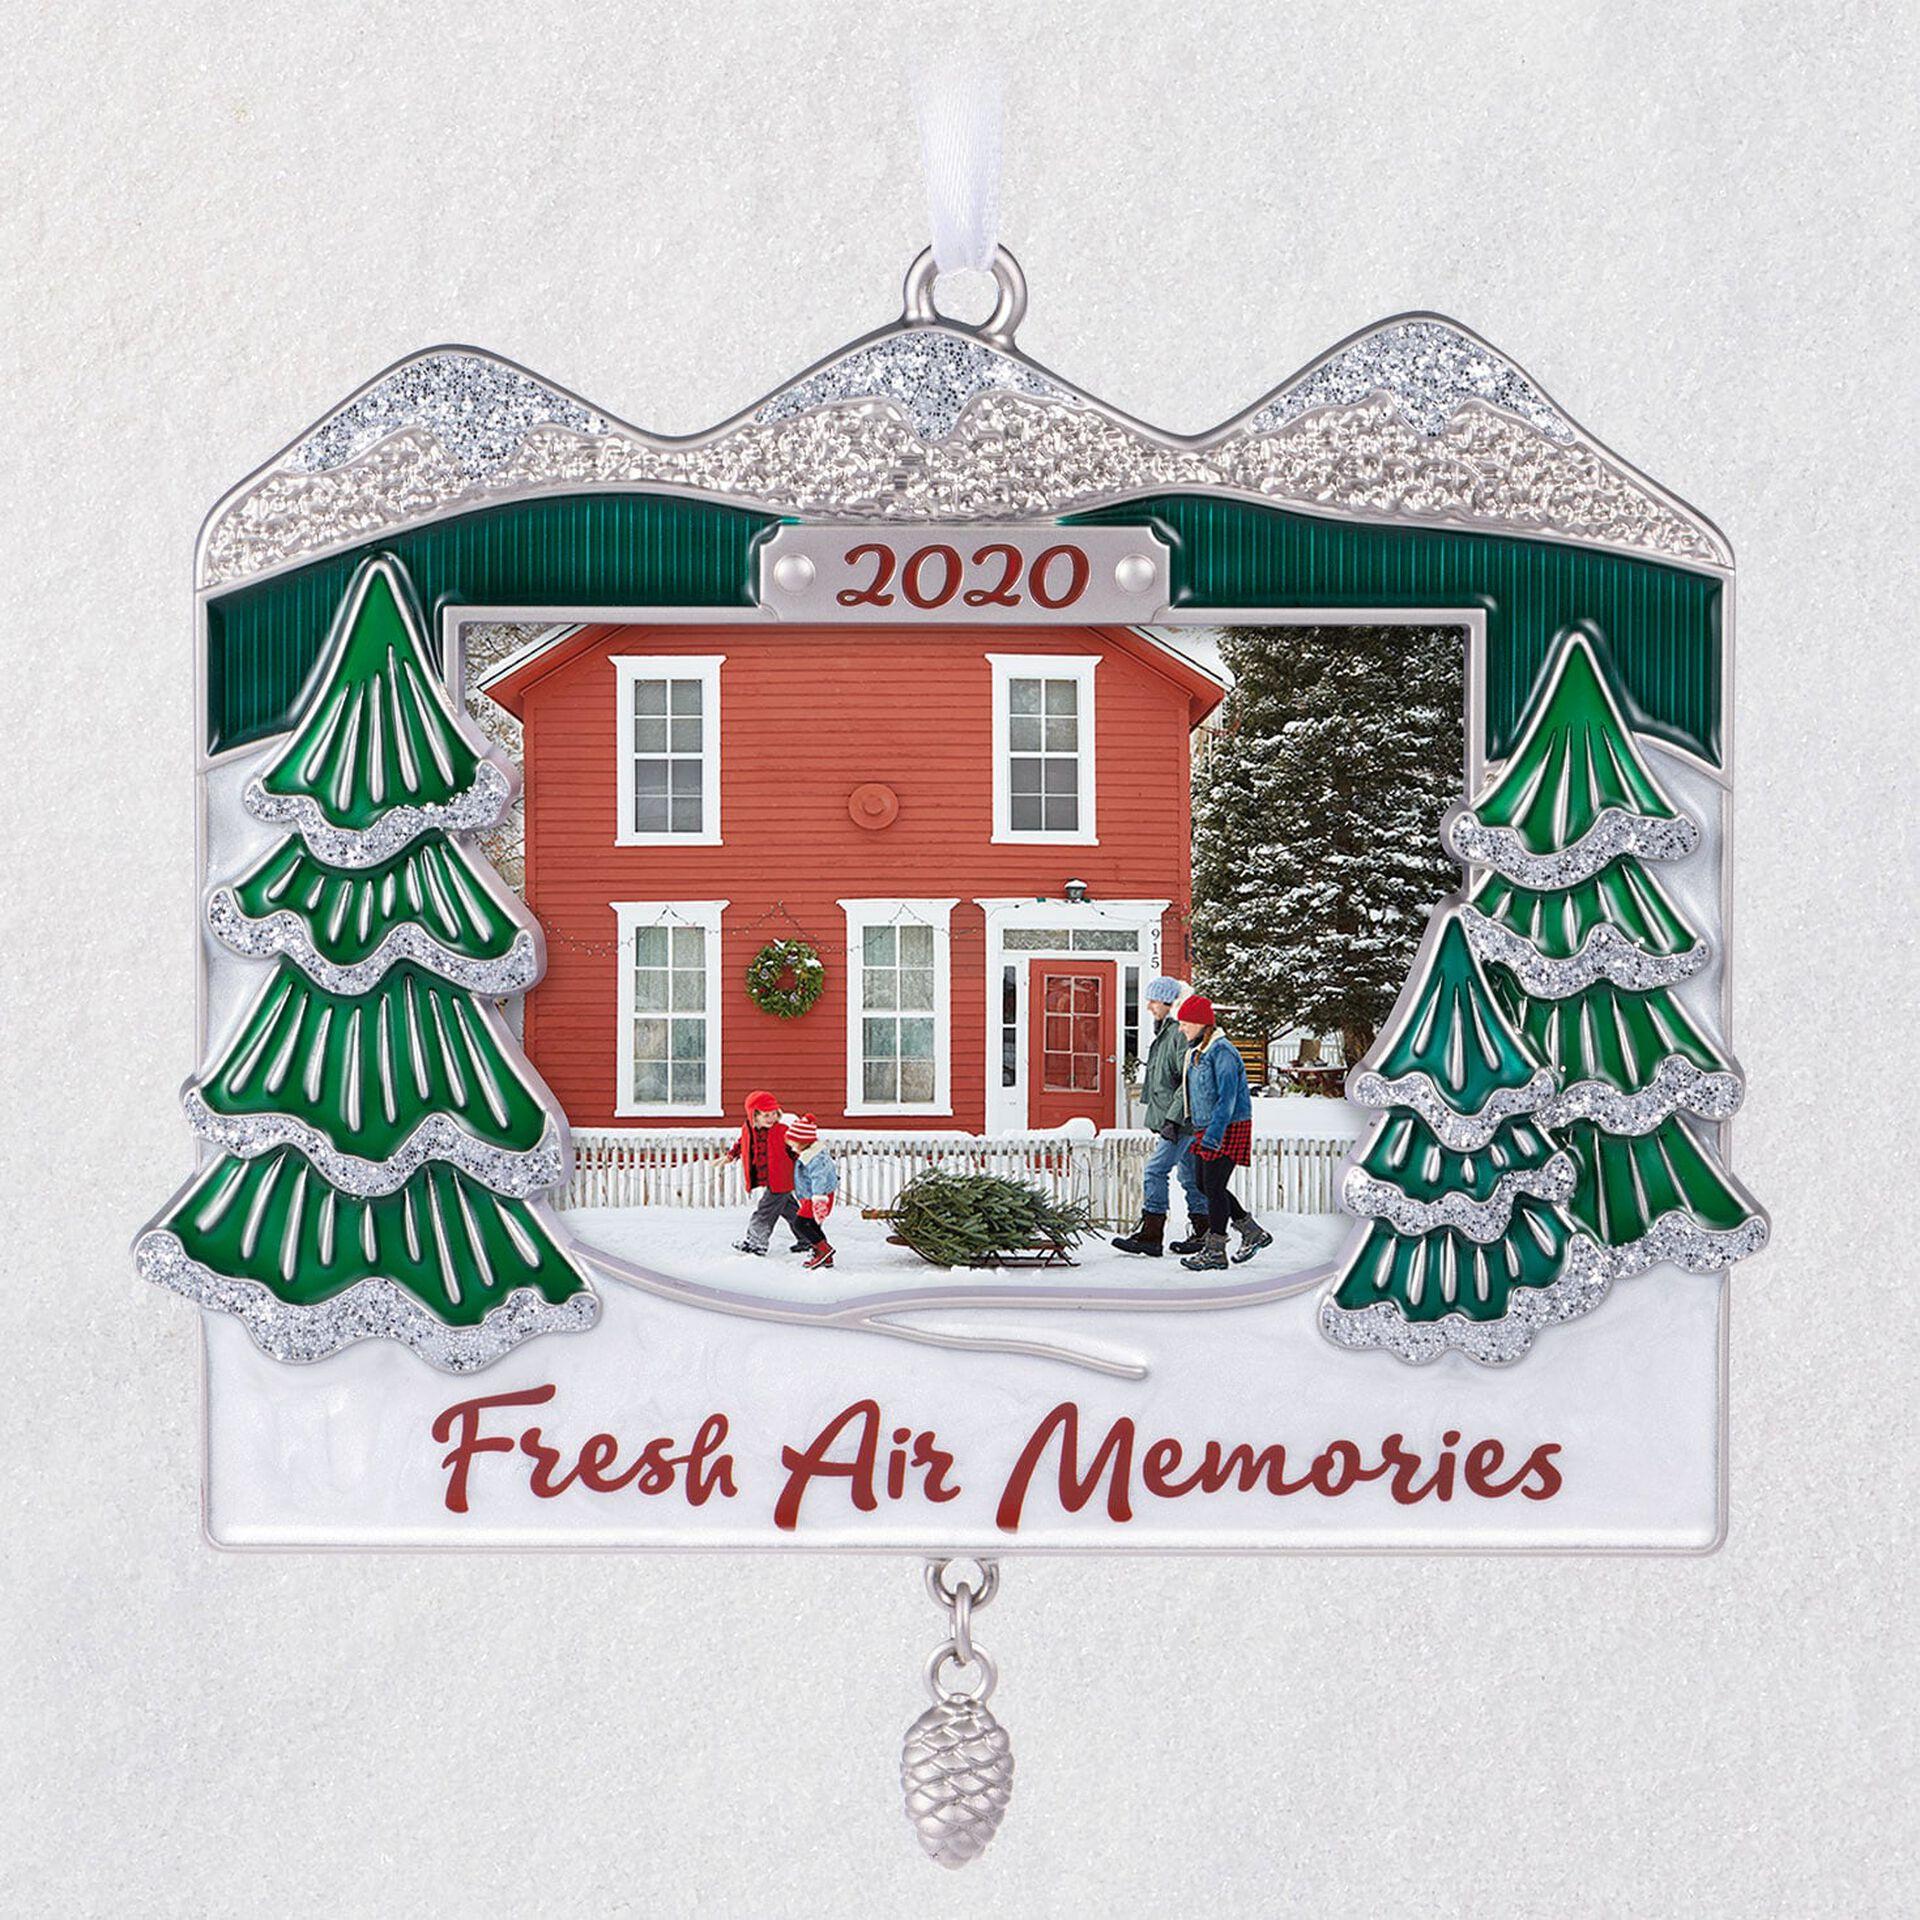 Mountainous Memories 2020 Metal Photo Frame Ornament   Keepsake